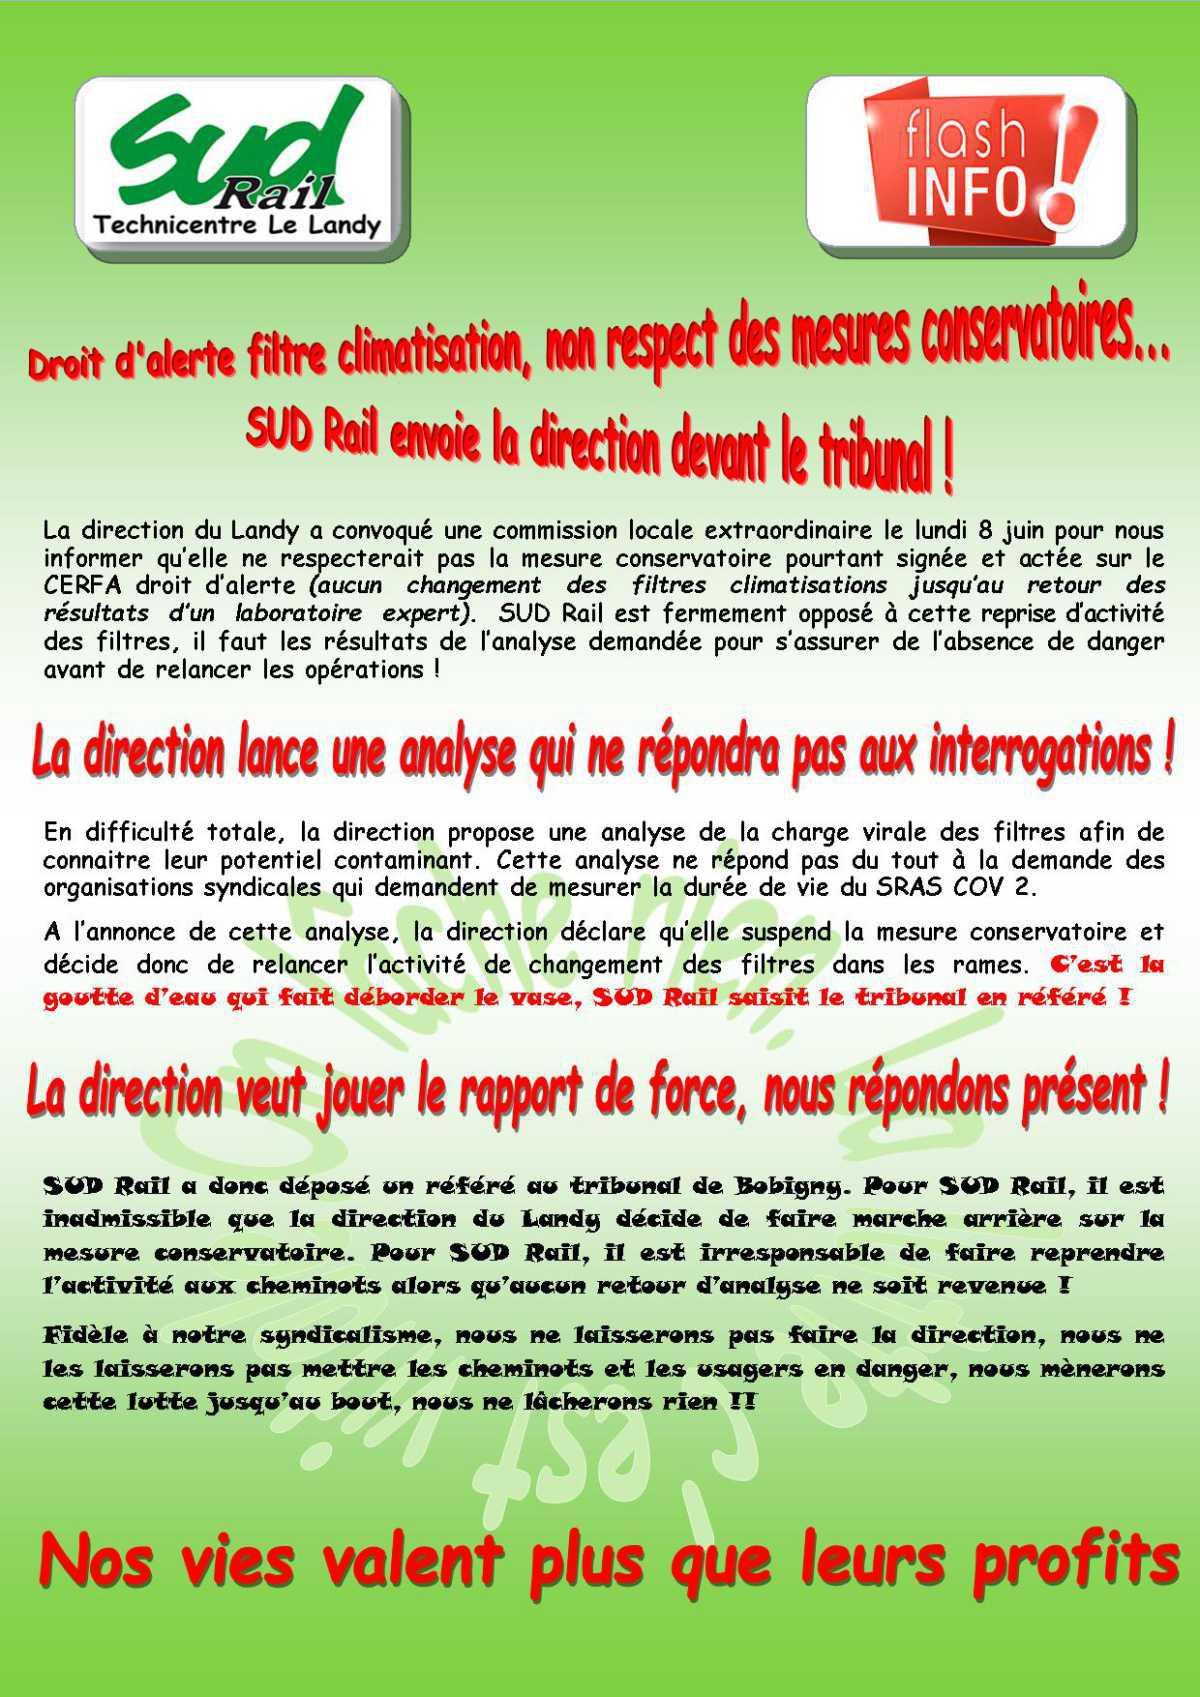 Droit d'alerte filtre climatisation et non respect des mesures conservatoires... SUD Rail saisit le tribunal